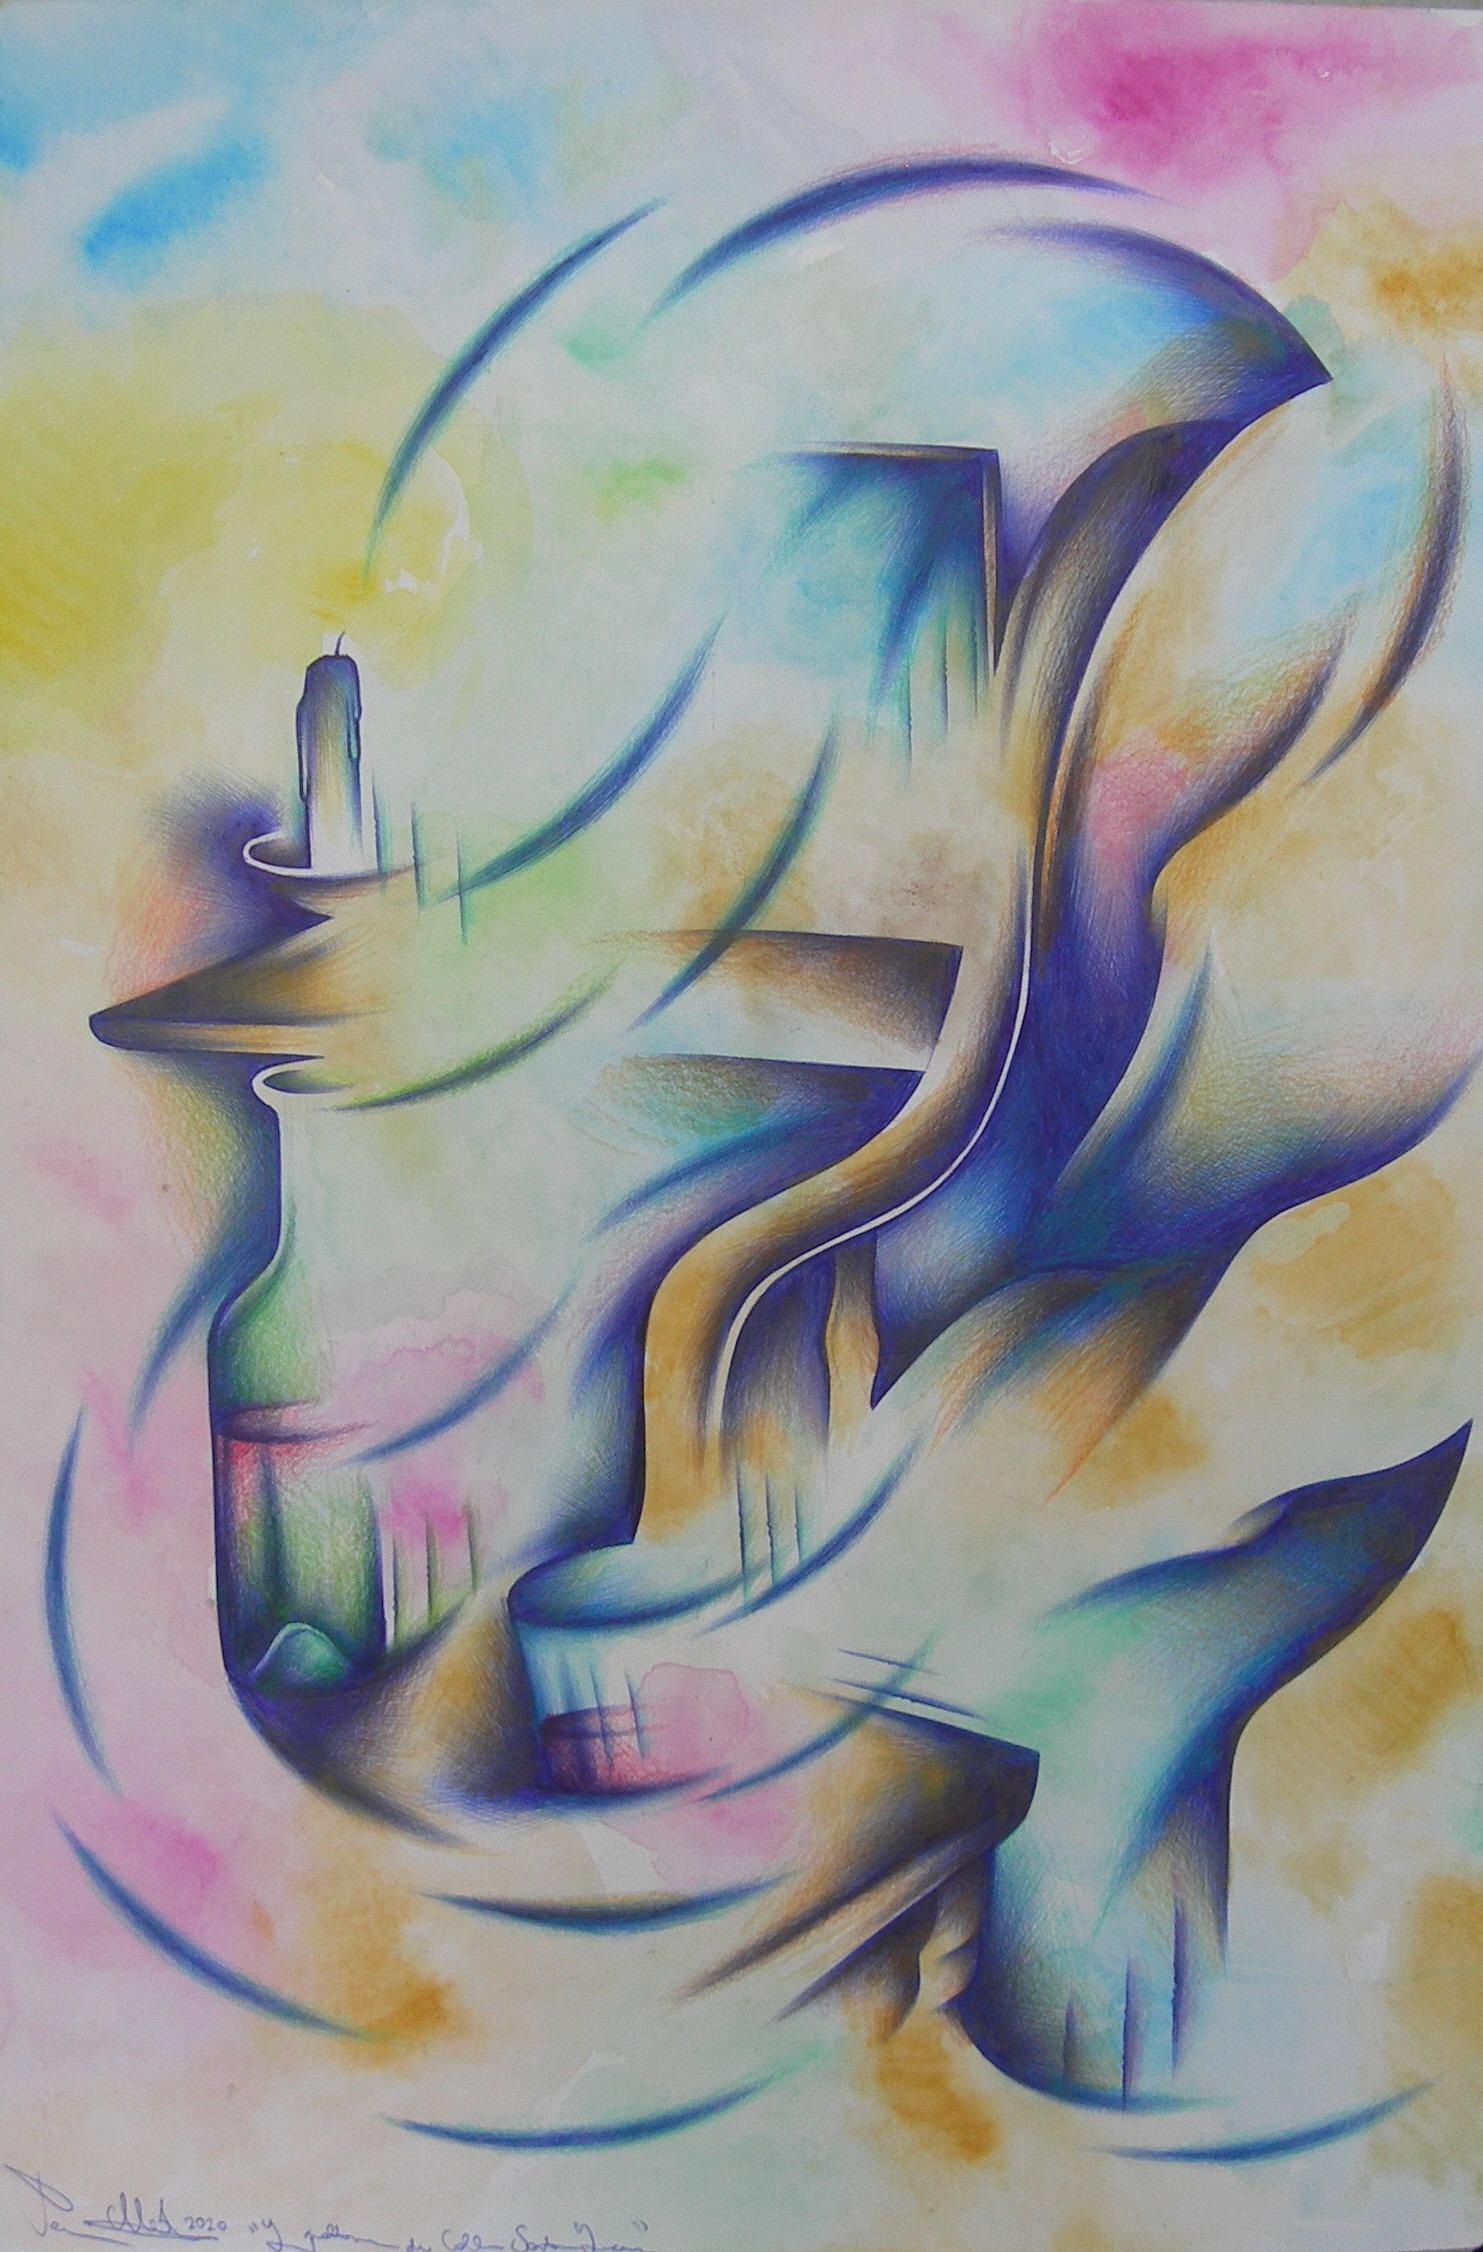 La poltrona di Santa Lucia tec. m. su carta cm. 50x35 2020